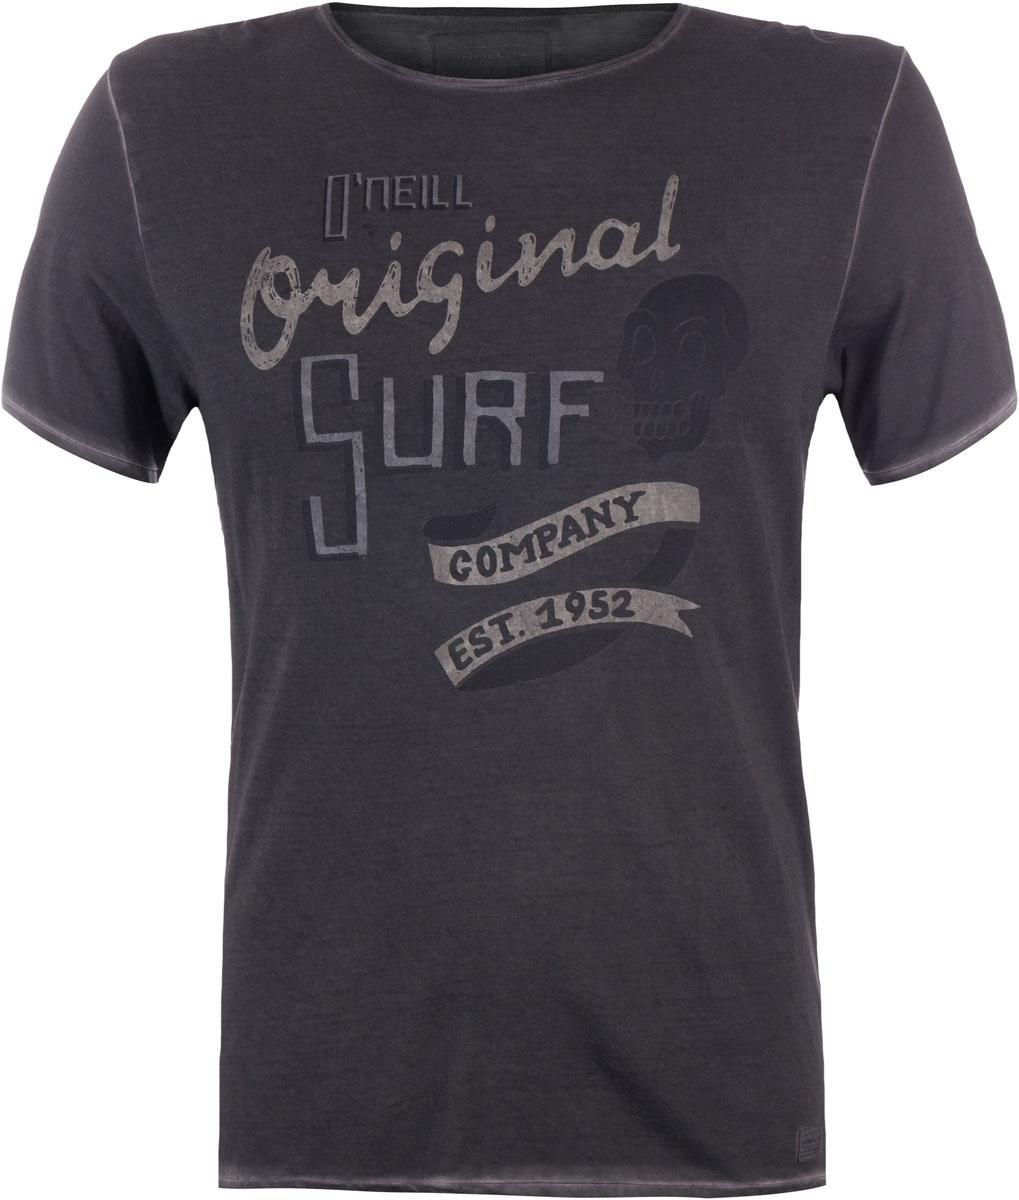 Футболка мужская ONeill Lm Washed Up T-Shirt, цвет: серый. 7A2328-8026. Размер L (50/52)7A2328-8026Футболка мужская ONeill выполнена из 100% хлопка. Модель имеет стандартный крой, короткий рукав и круглый вырез горловины. Футболка искусственно состарена и дополнена надписями.